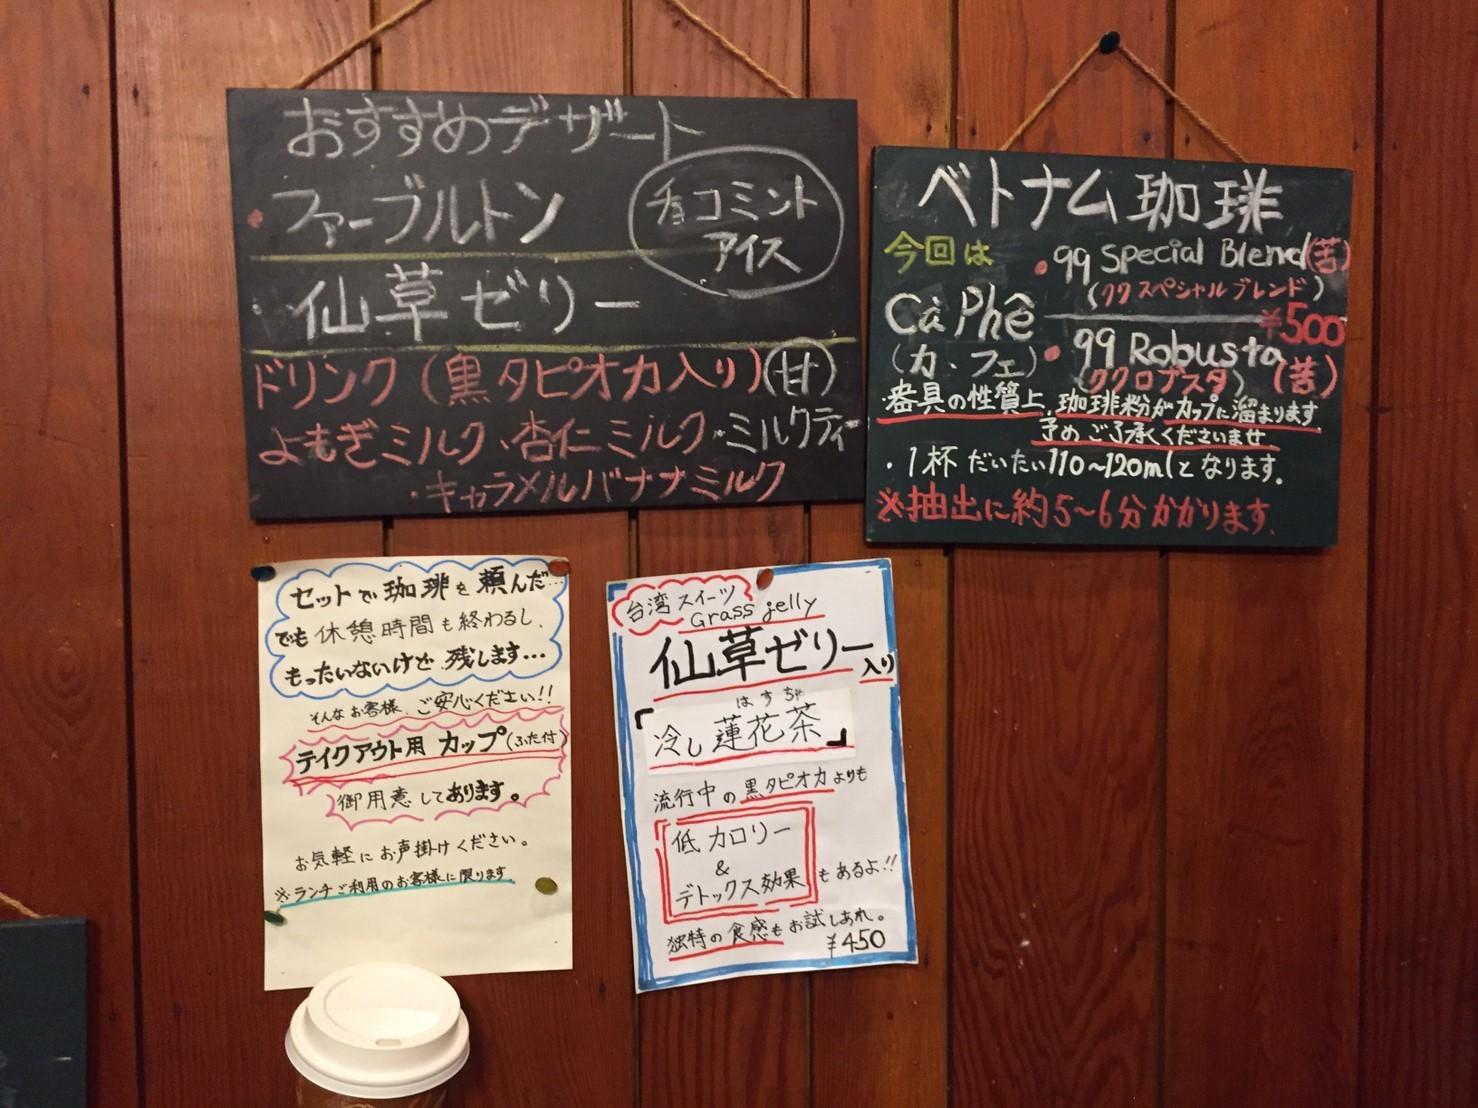 喫茶 1er ぷるみえ (ゴーヤ入りバターライスにアジアンカレーソースココナッツ入り)_e0115904_02005708.jpg